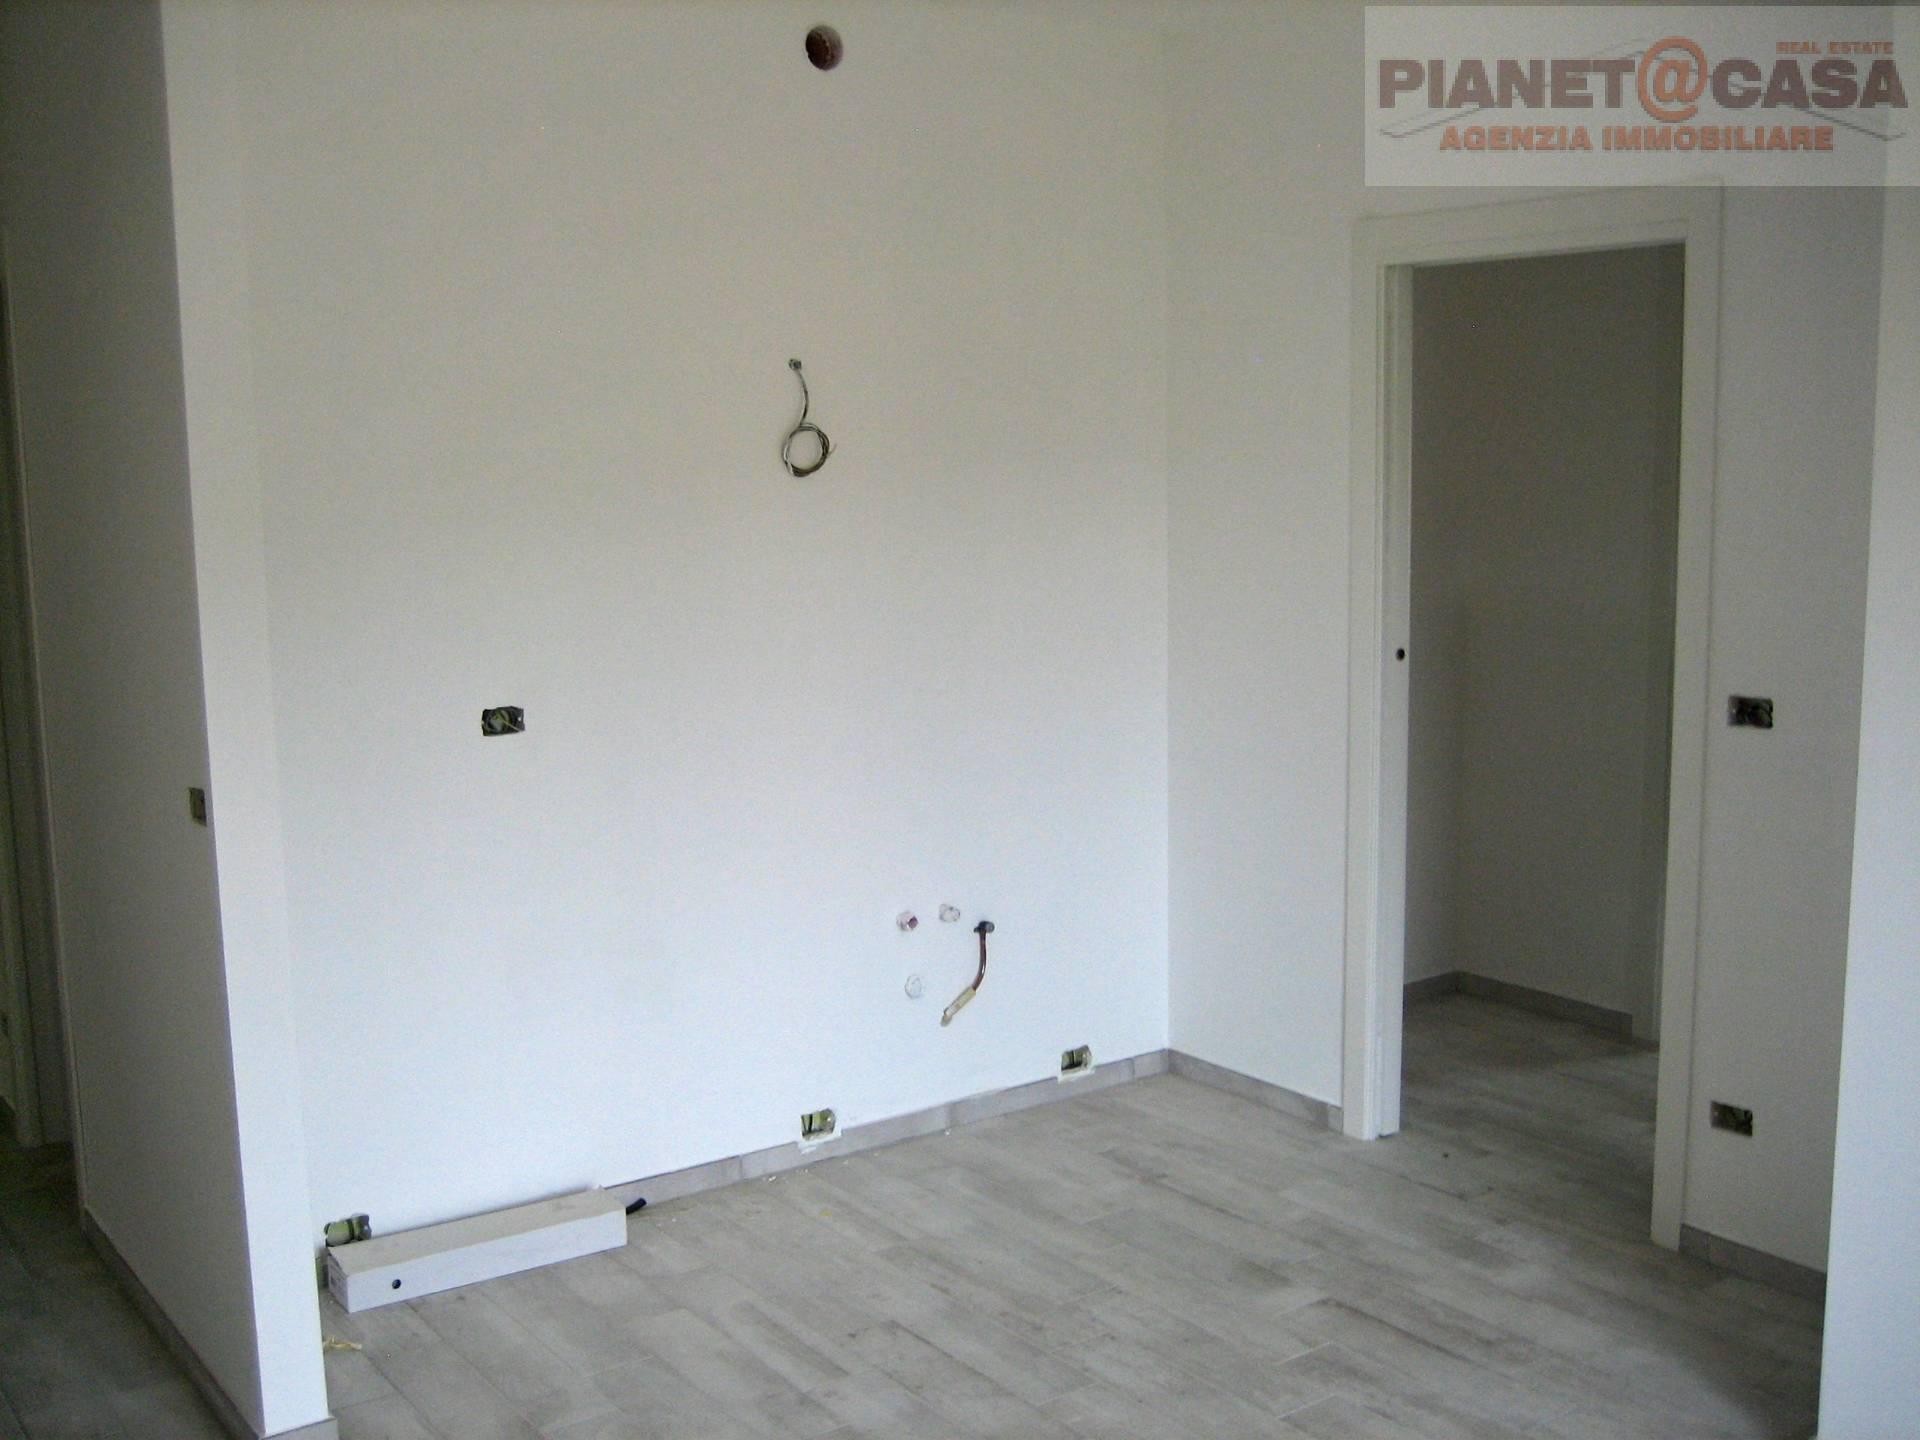 Appartamento in vendita a Acquaviva Picena, 3 locali, prezzo € 85.000 | CambioCasa.it